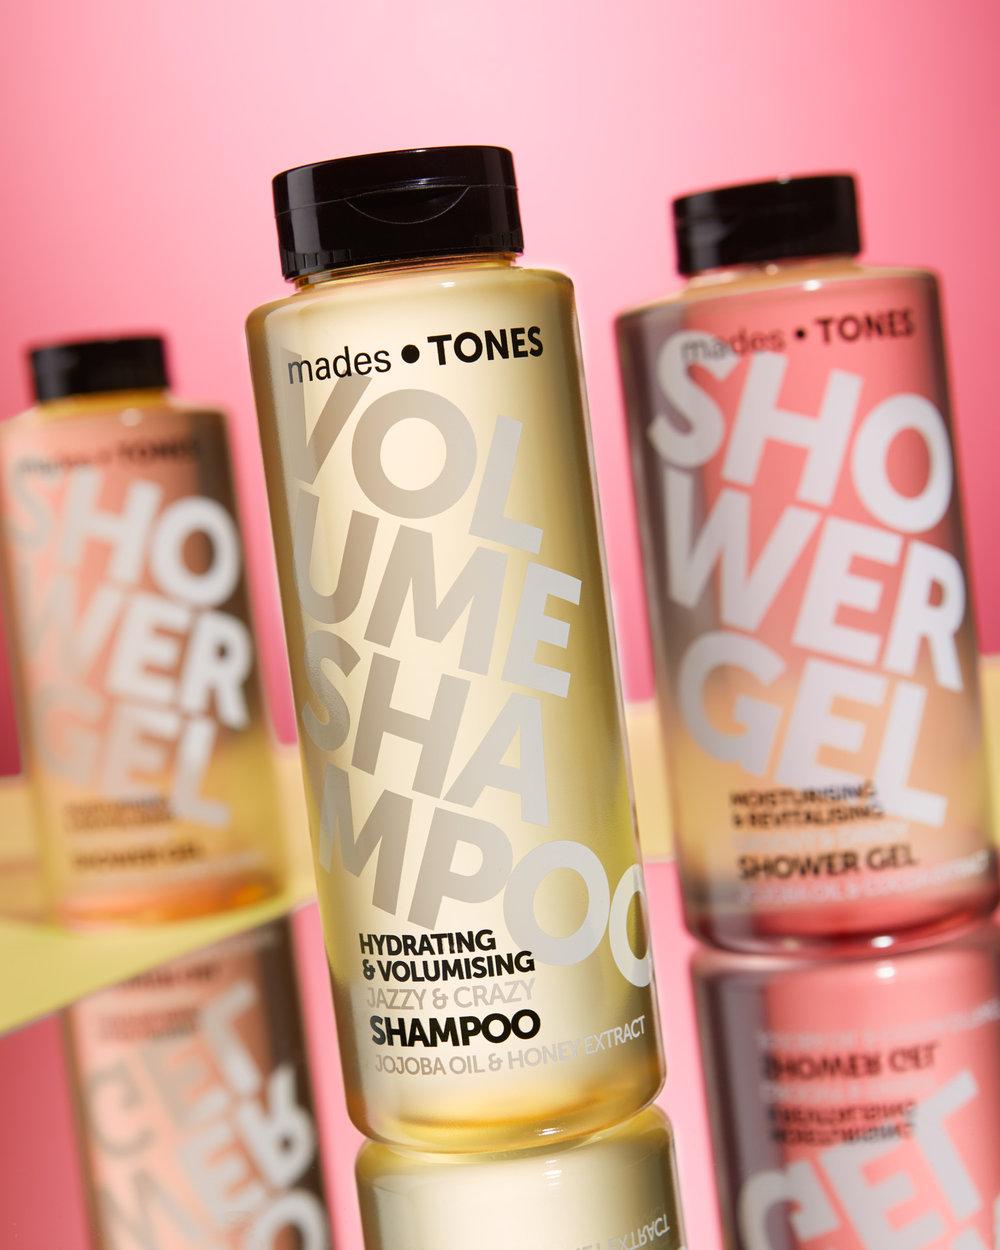 Product foto van shampoo en douche producten met roze en gele kleuren